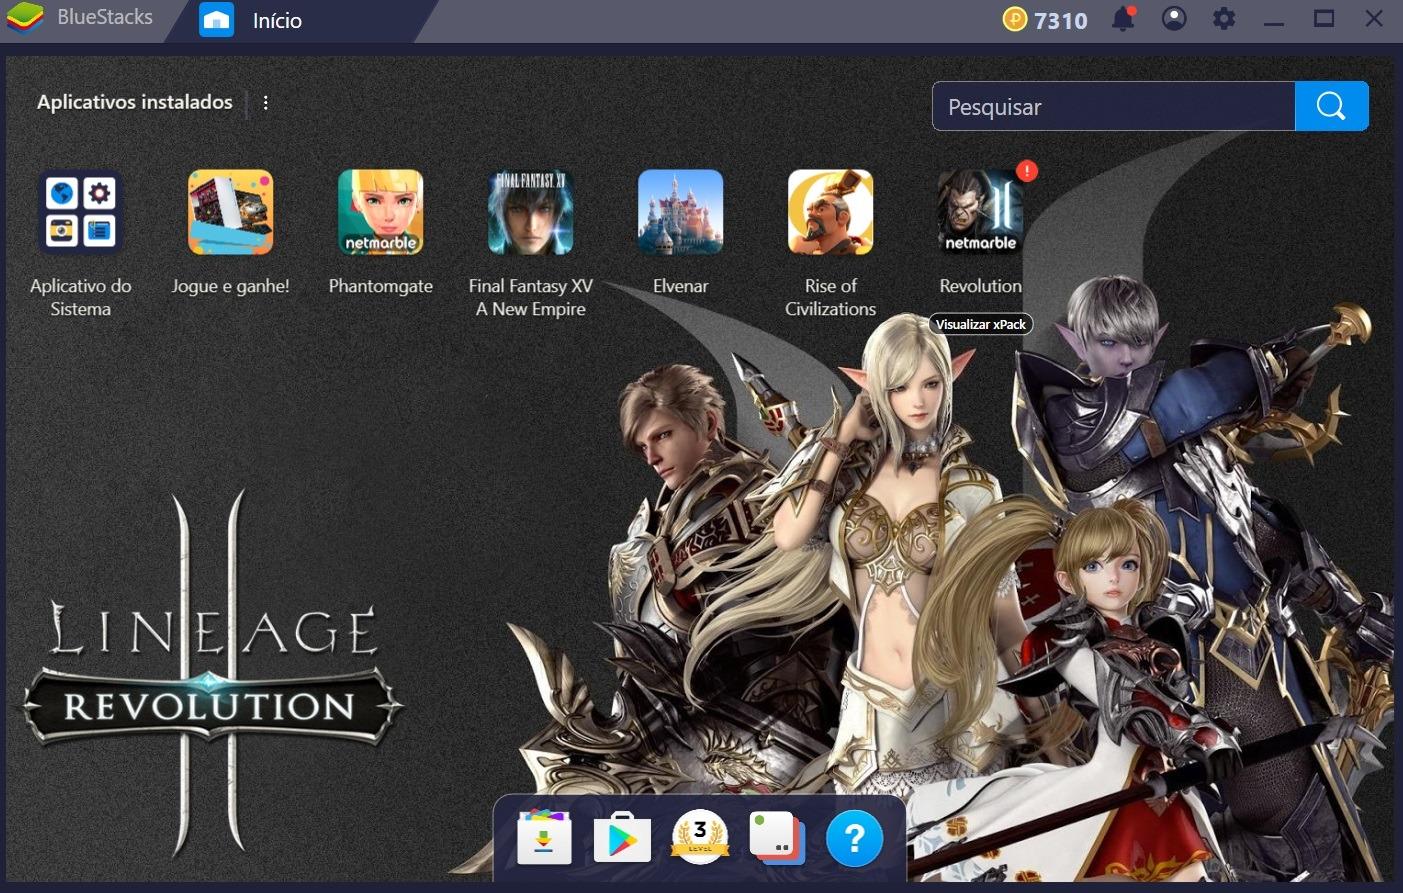 Atualização de outubro de Lineage2 Revolution: outras mudanças que você deve conhecer.